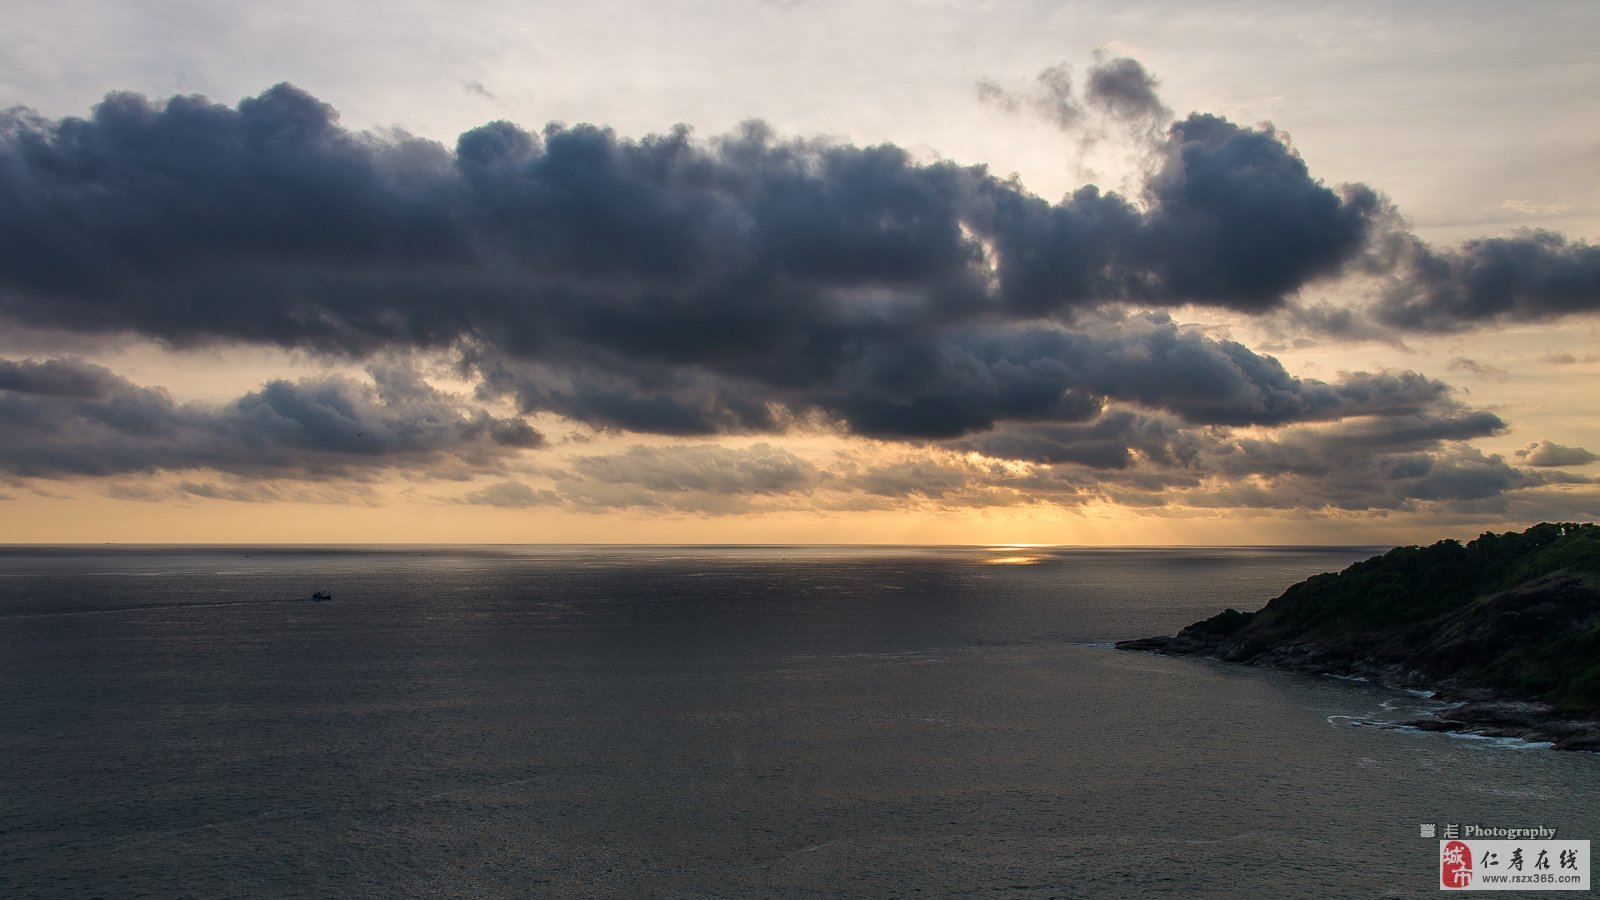 泰国行-曼谷 芭提雅 普吉岛